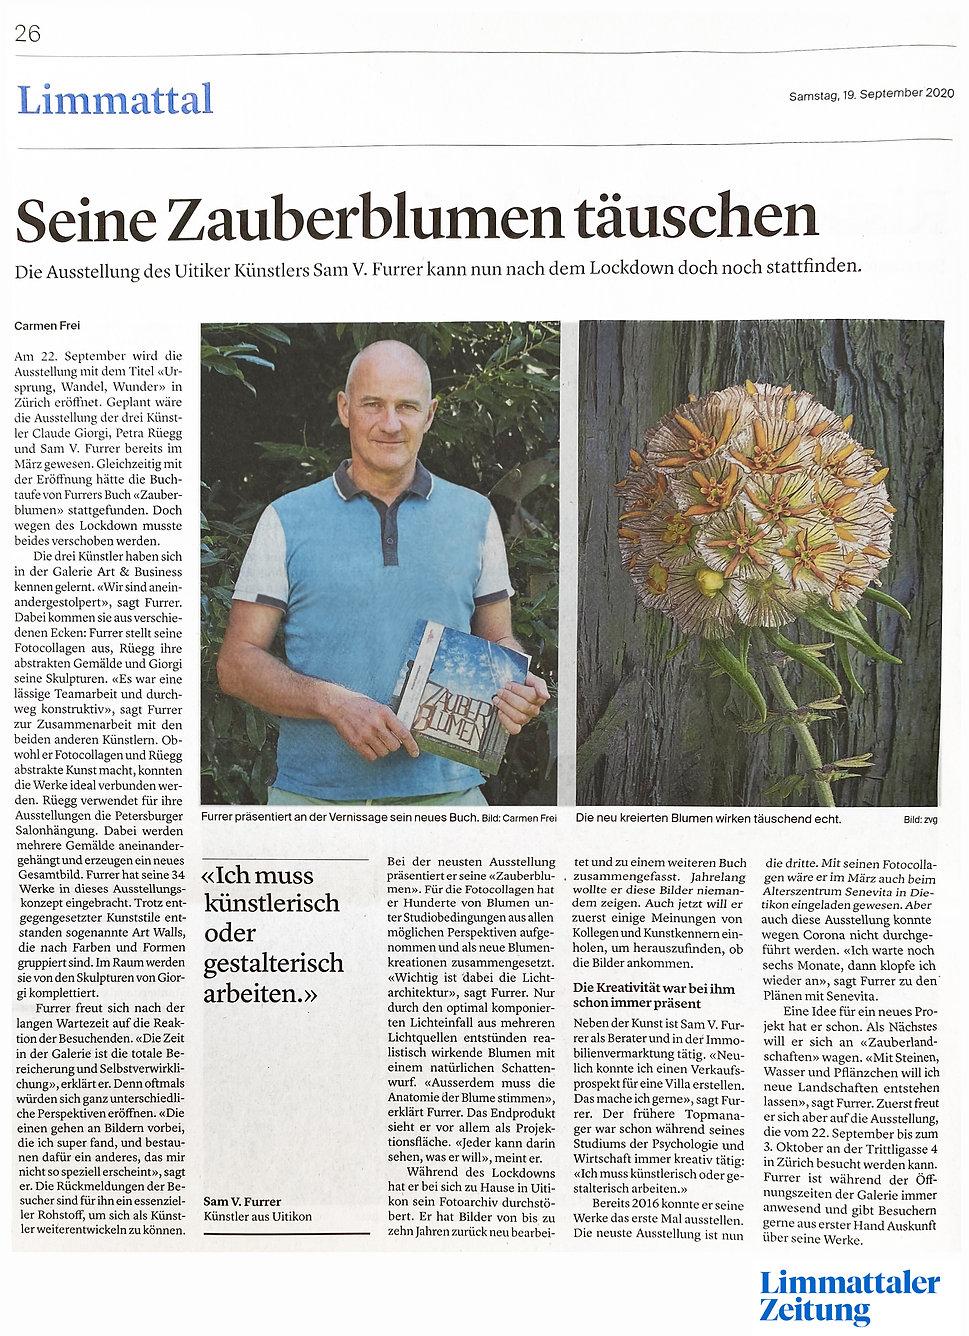 Limmattaler Zeitung 20200919.jpg